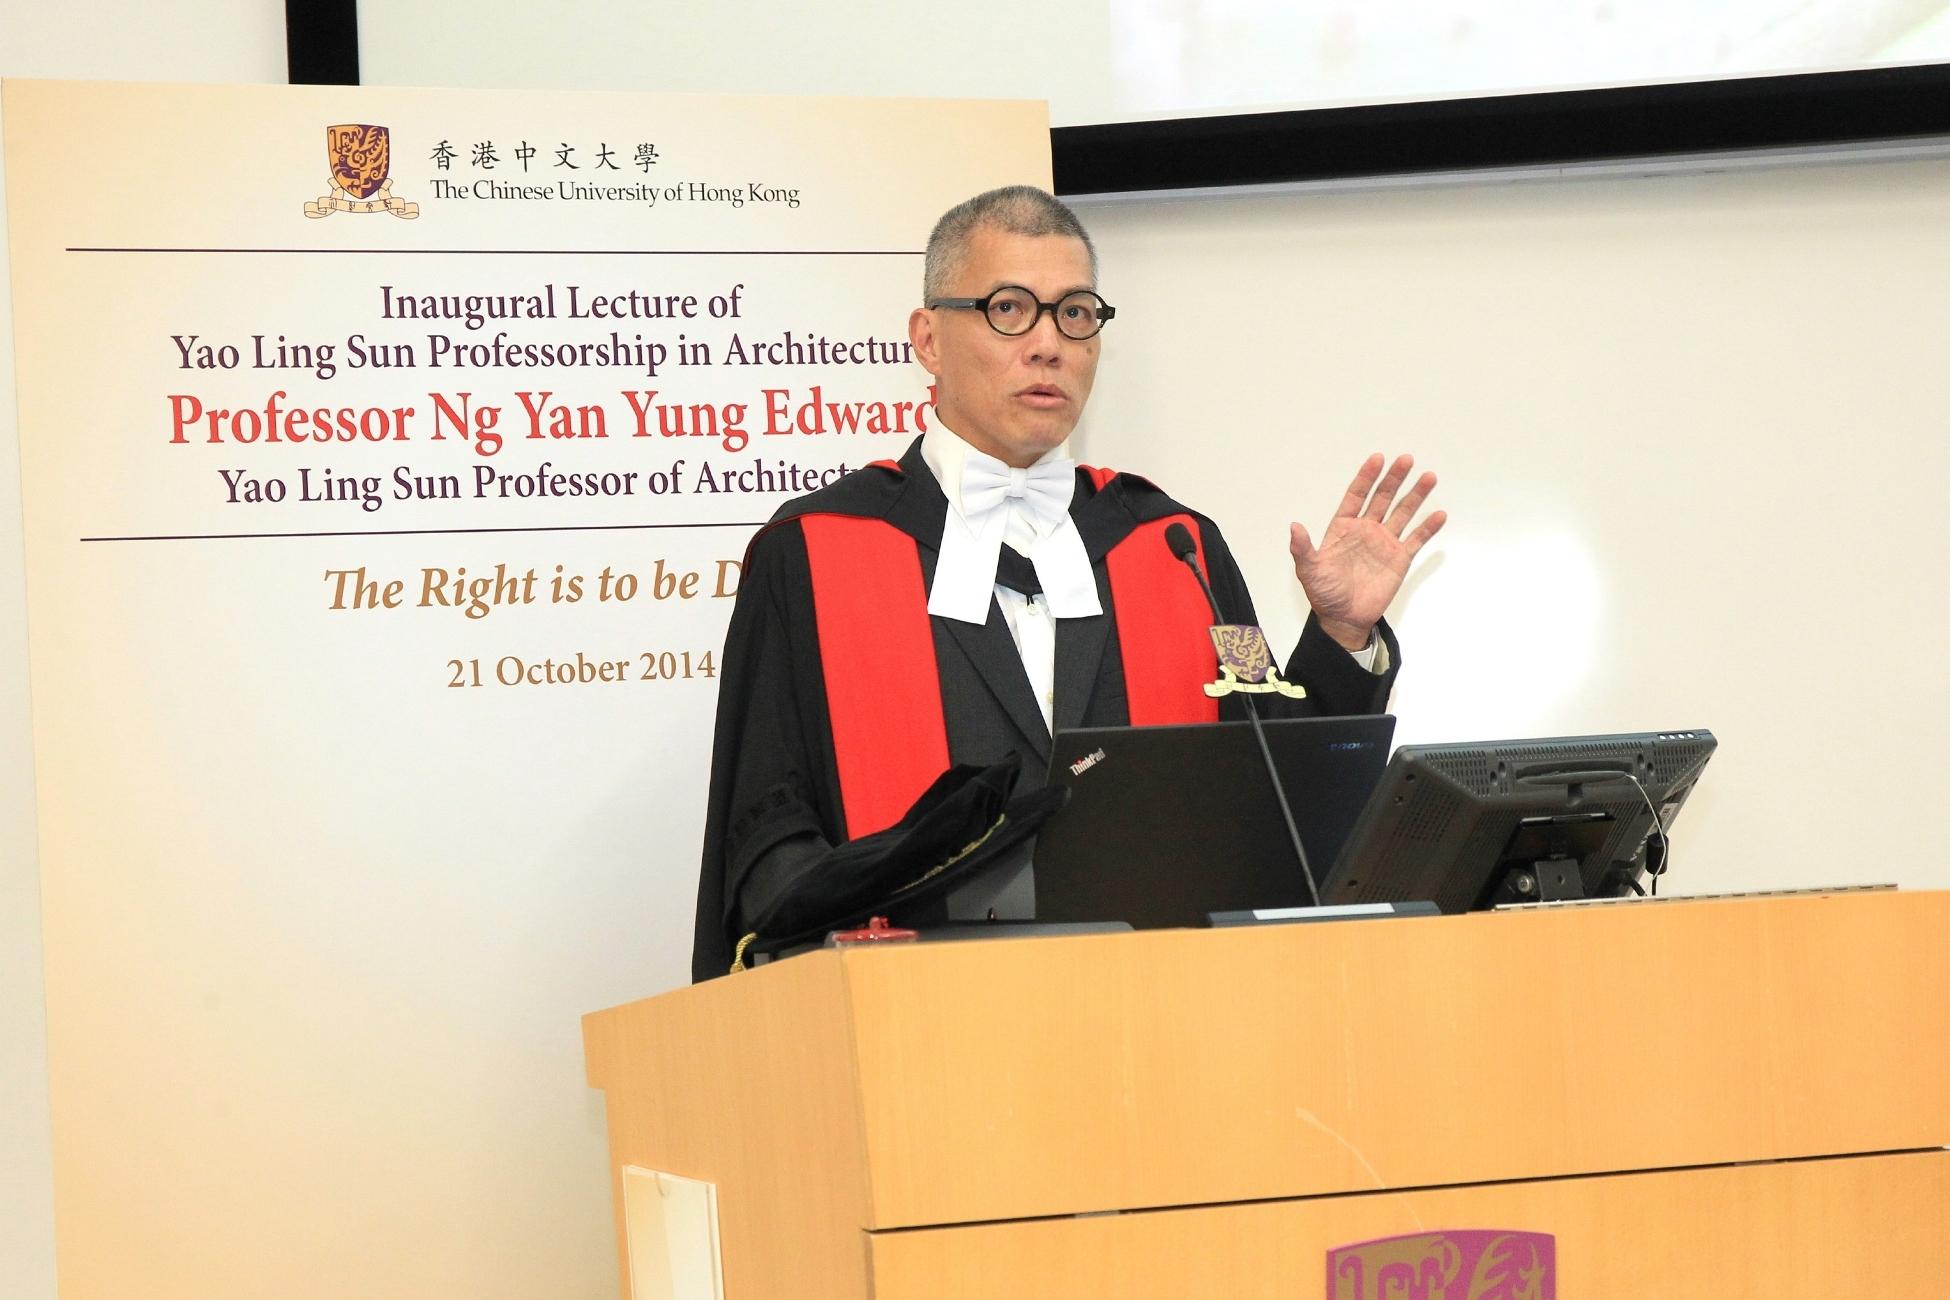 吳恩融教授發表「姚連生建築學教授」就職演講,題為「做必須做的事」。